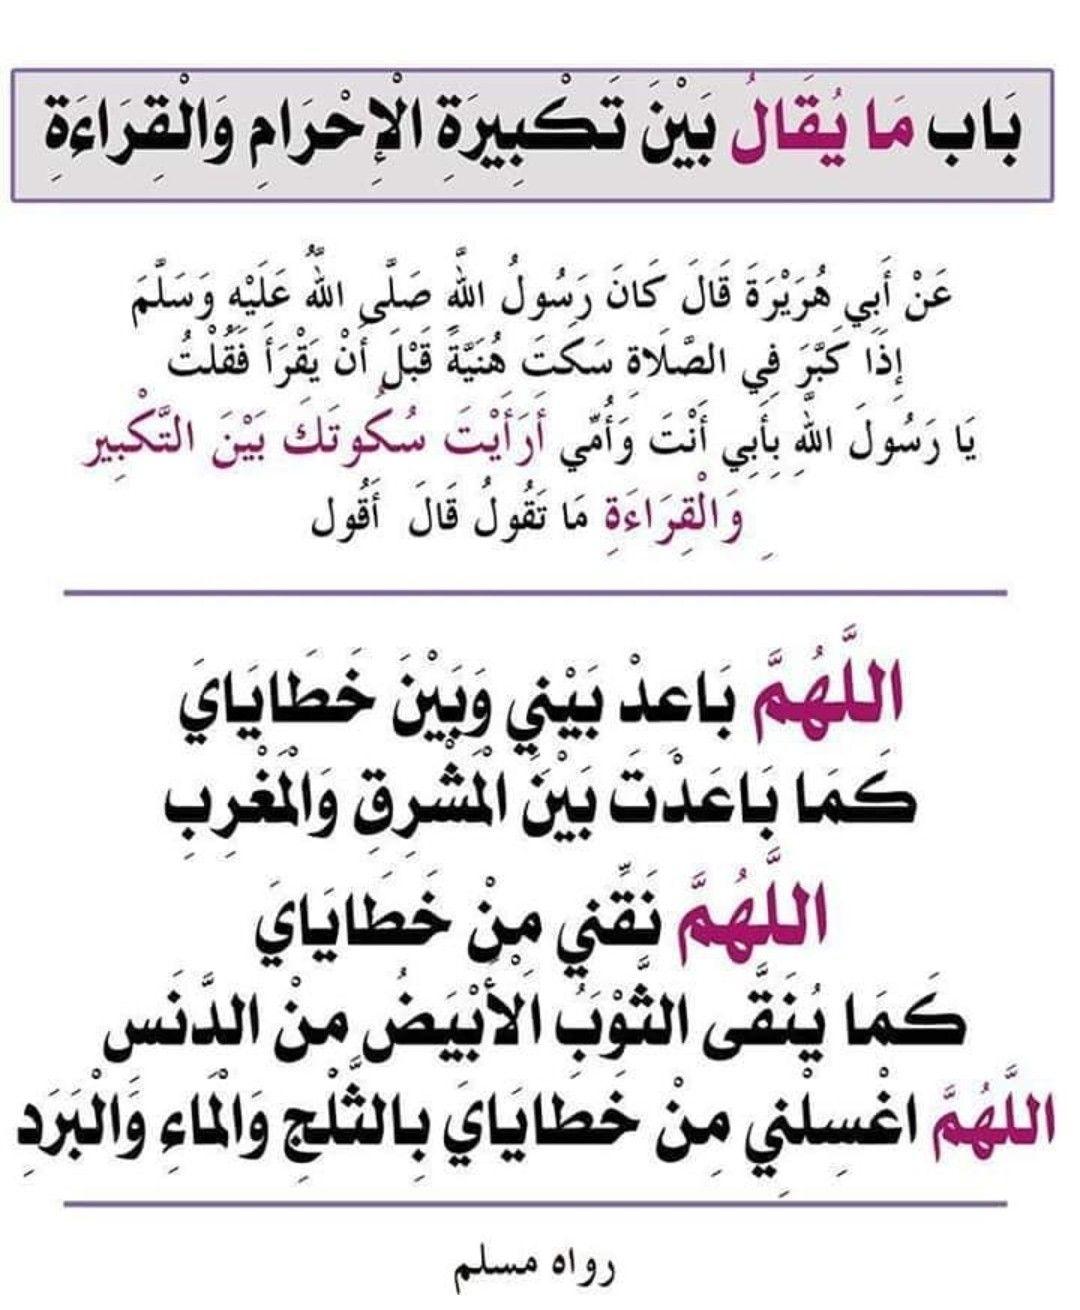 ما يقال بين تكبيرة الإحرام و القراءة Islamic Prayer Duaa Islam Islamic Cartoon